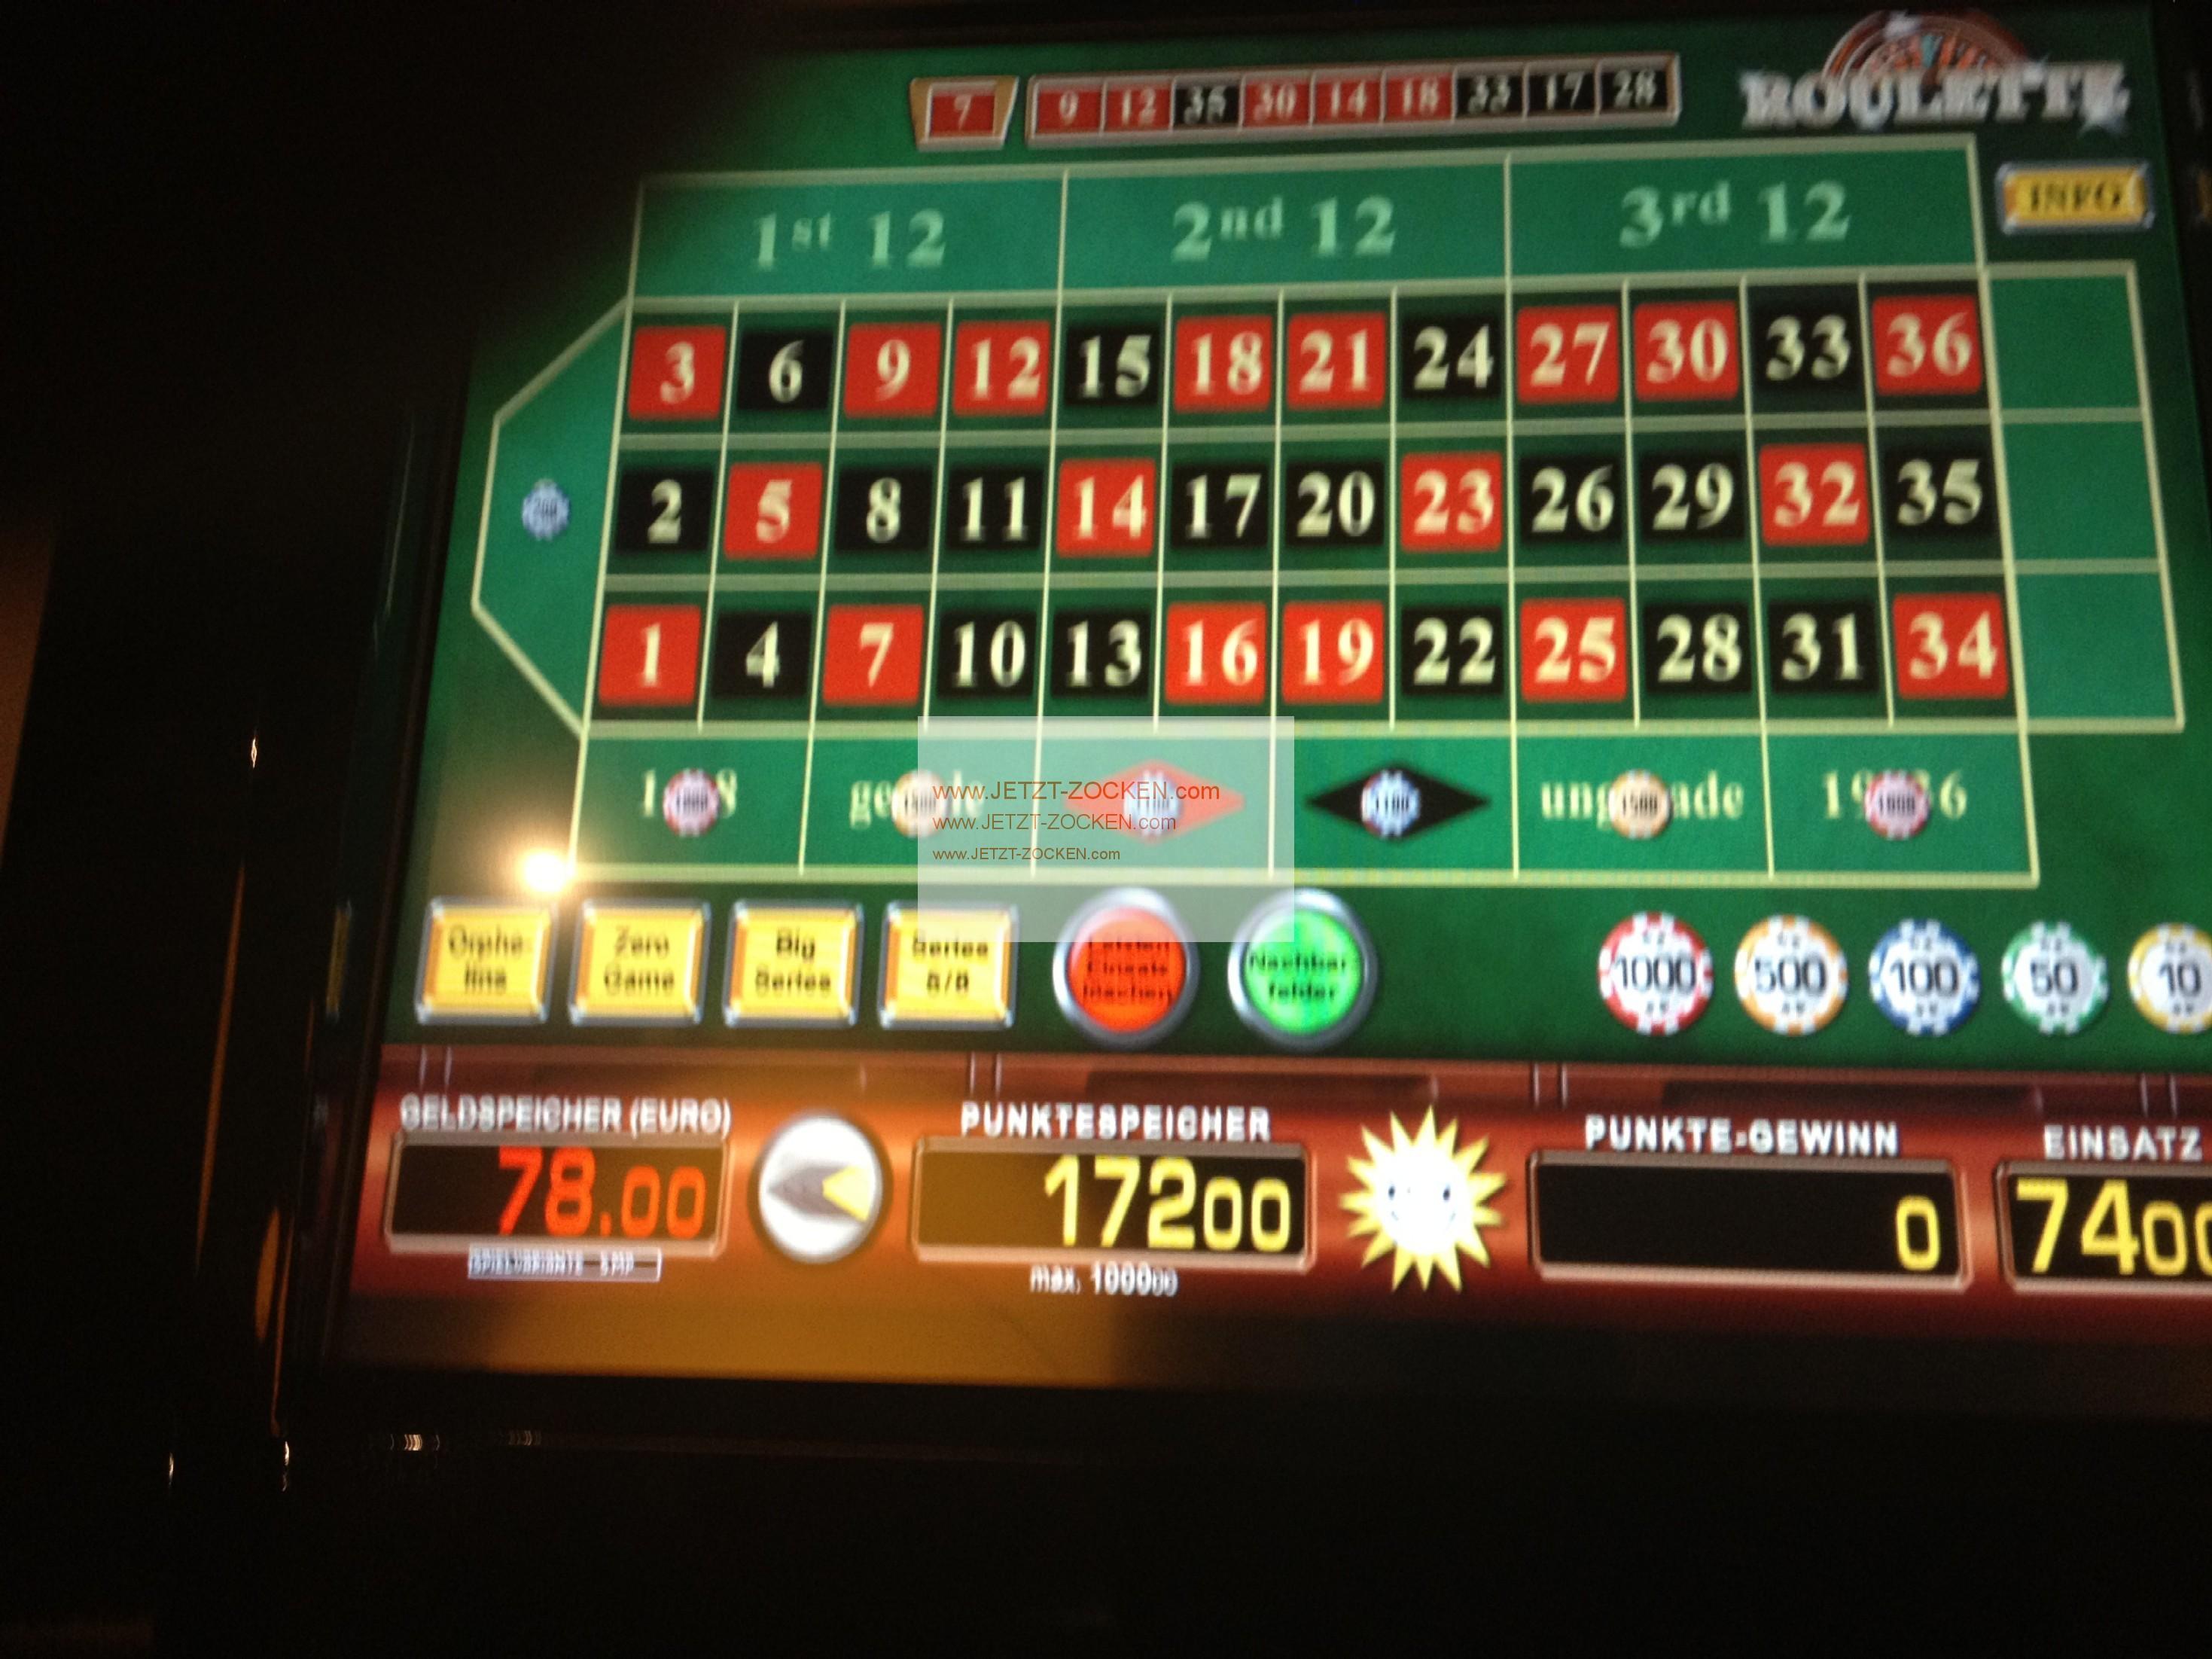 Roulette Gewinne - 10820